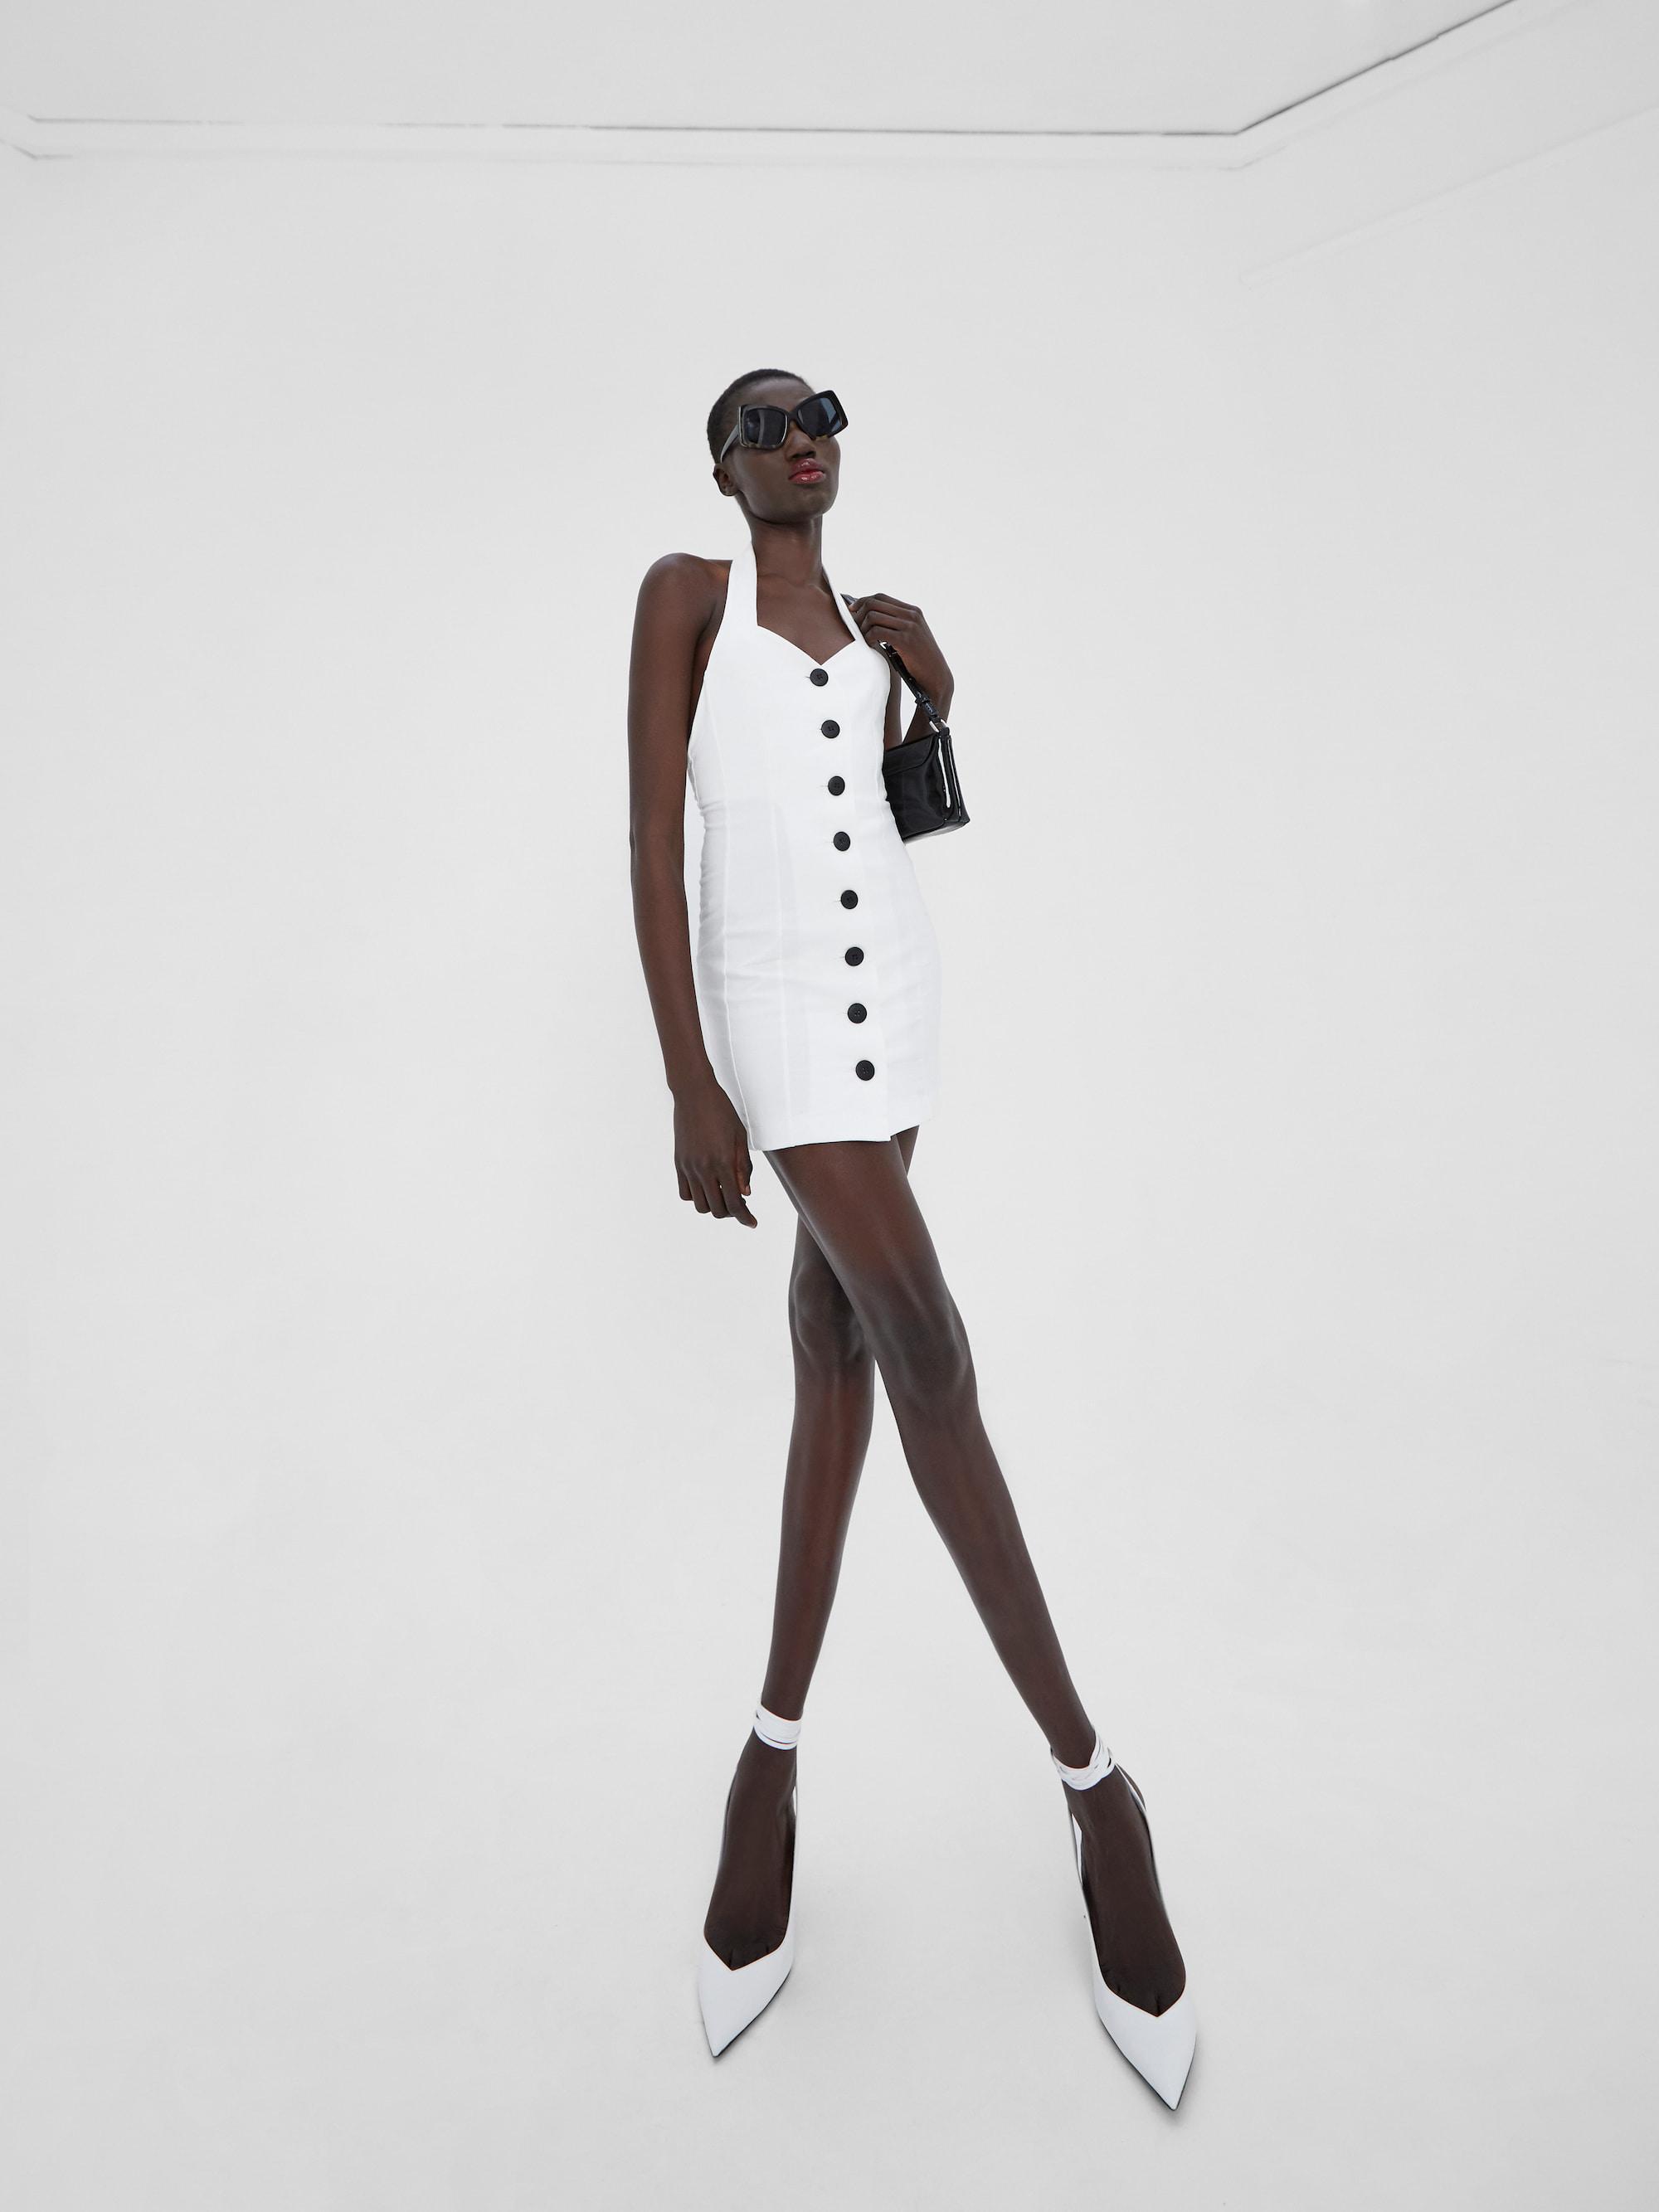 View 5 of model wearing Klaz Mini Dress in ivory.